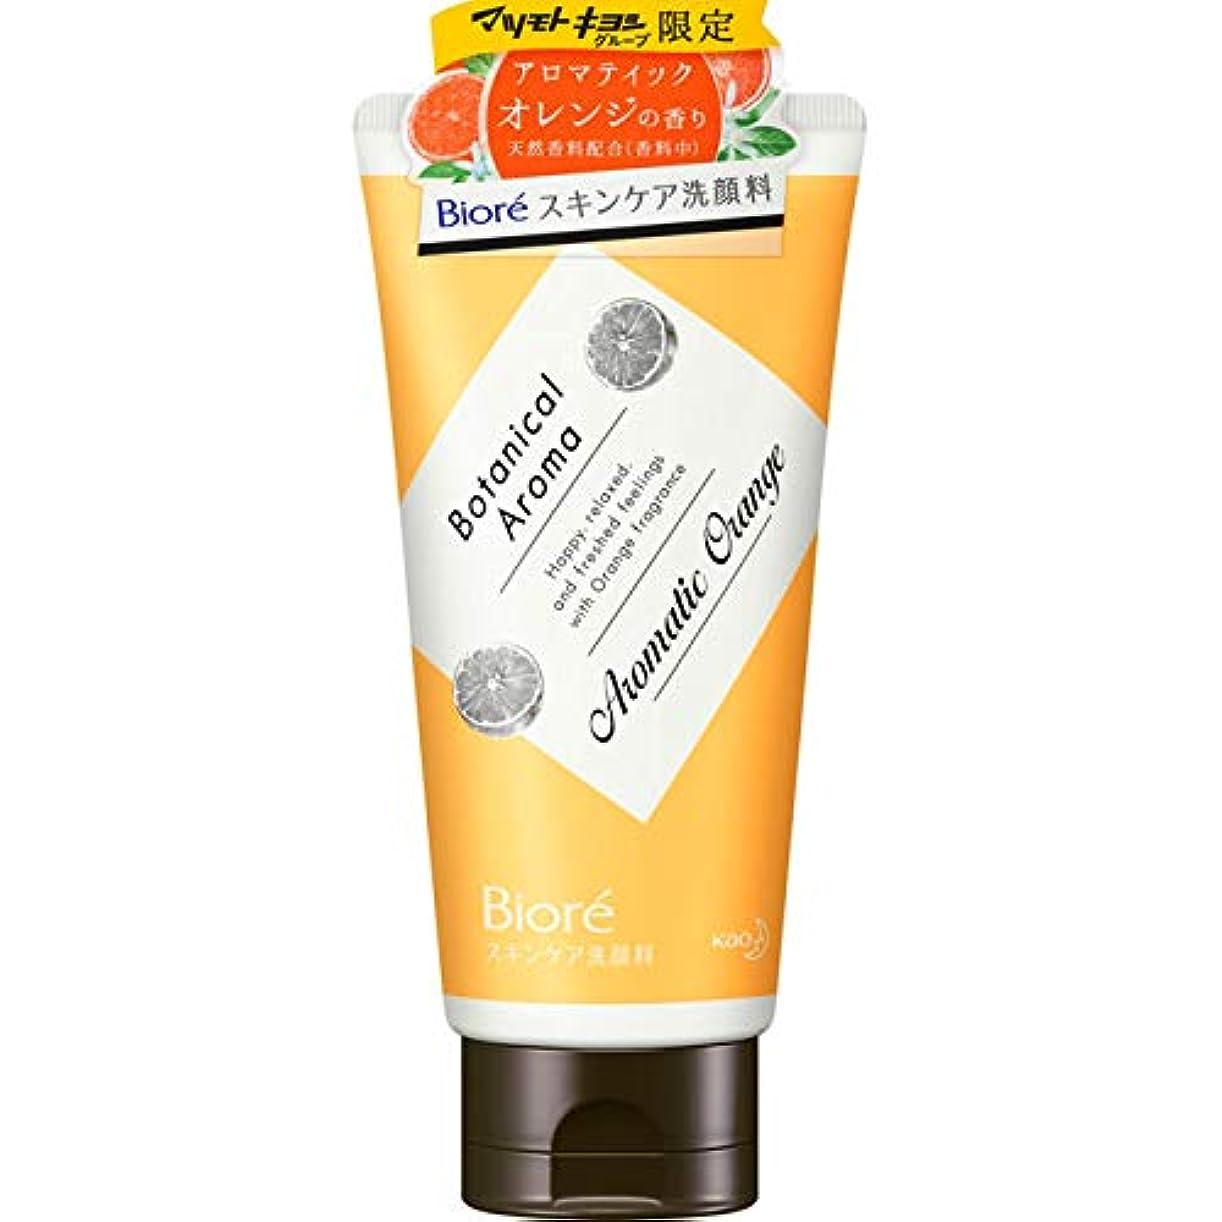 汚れるジュラシックパーク仕えるMK ビオレ スキンケア洗顔料 アロマティックオレンジの香り 130G